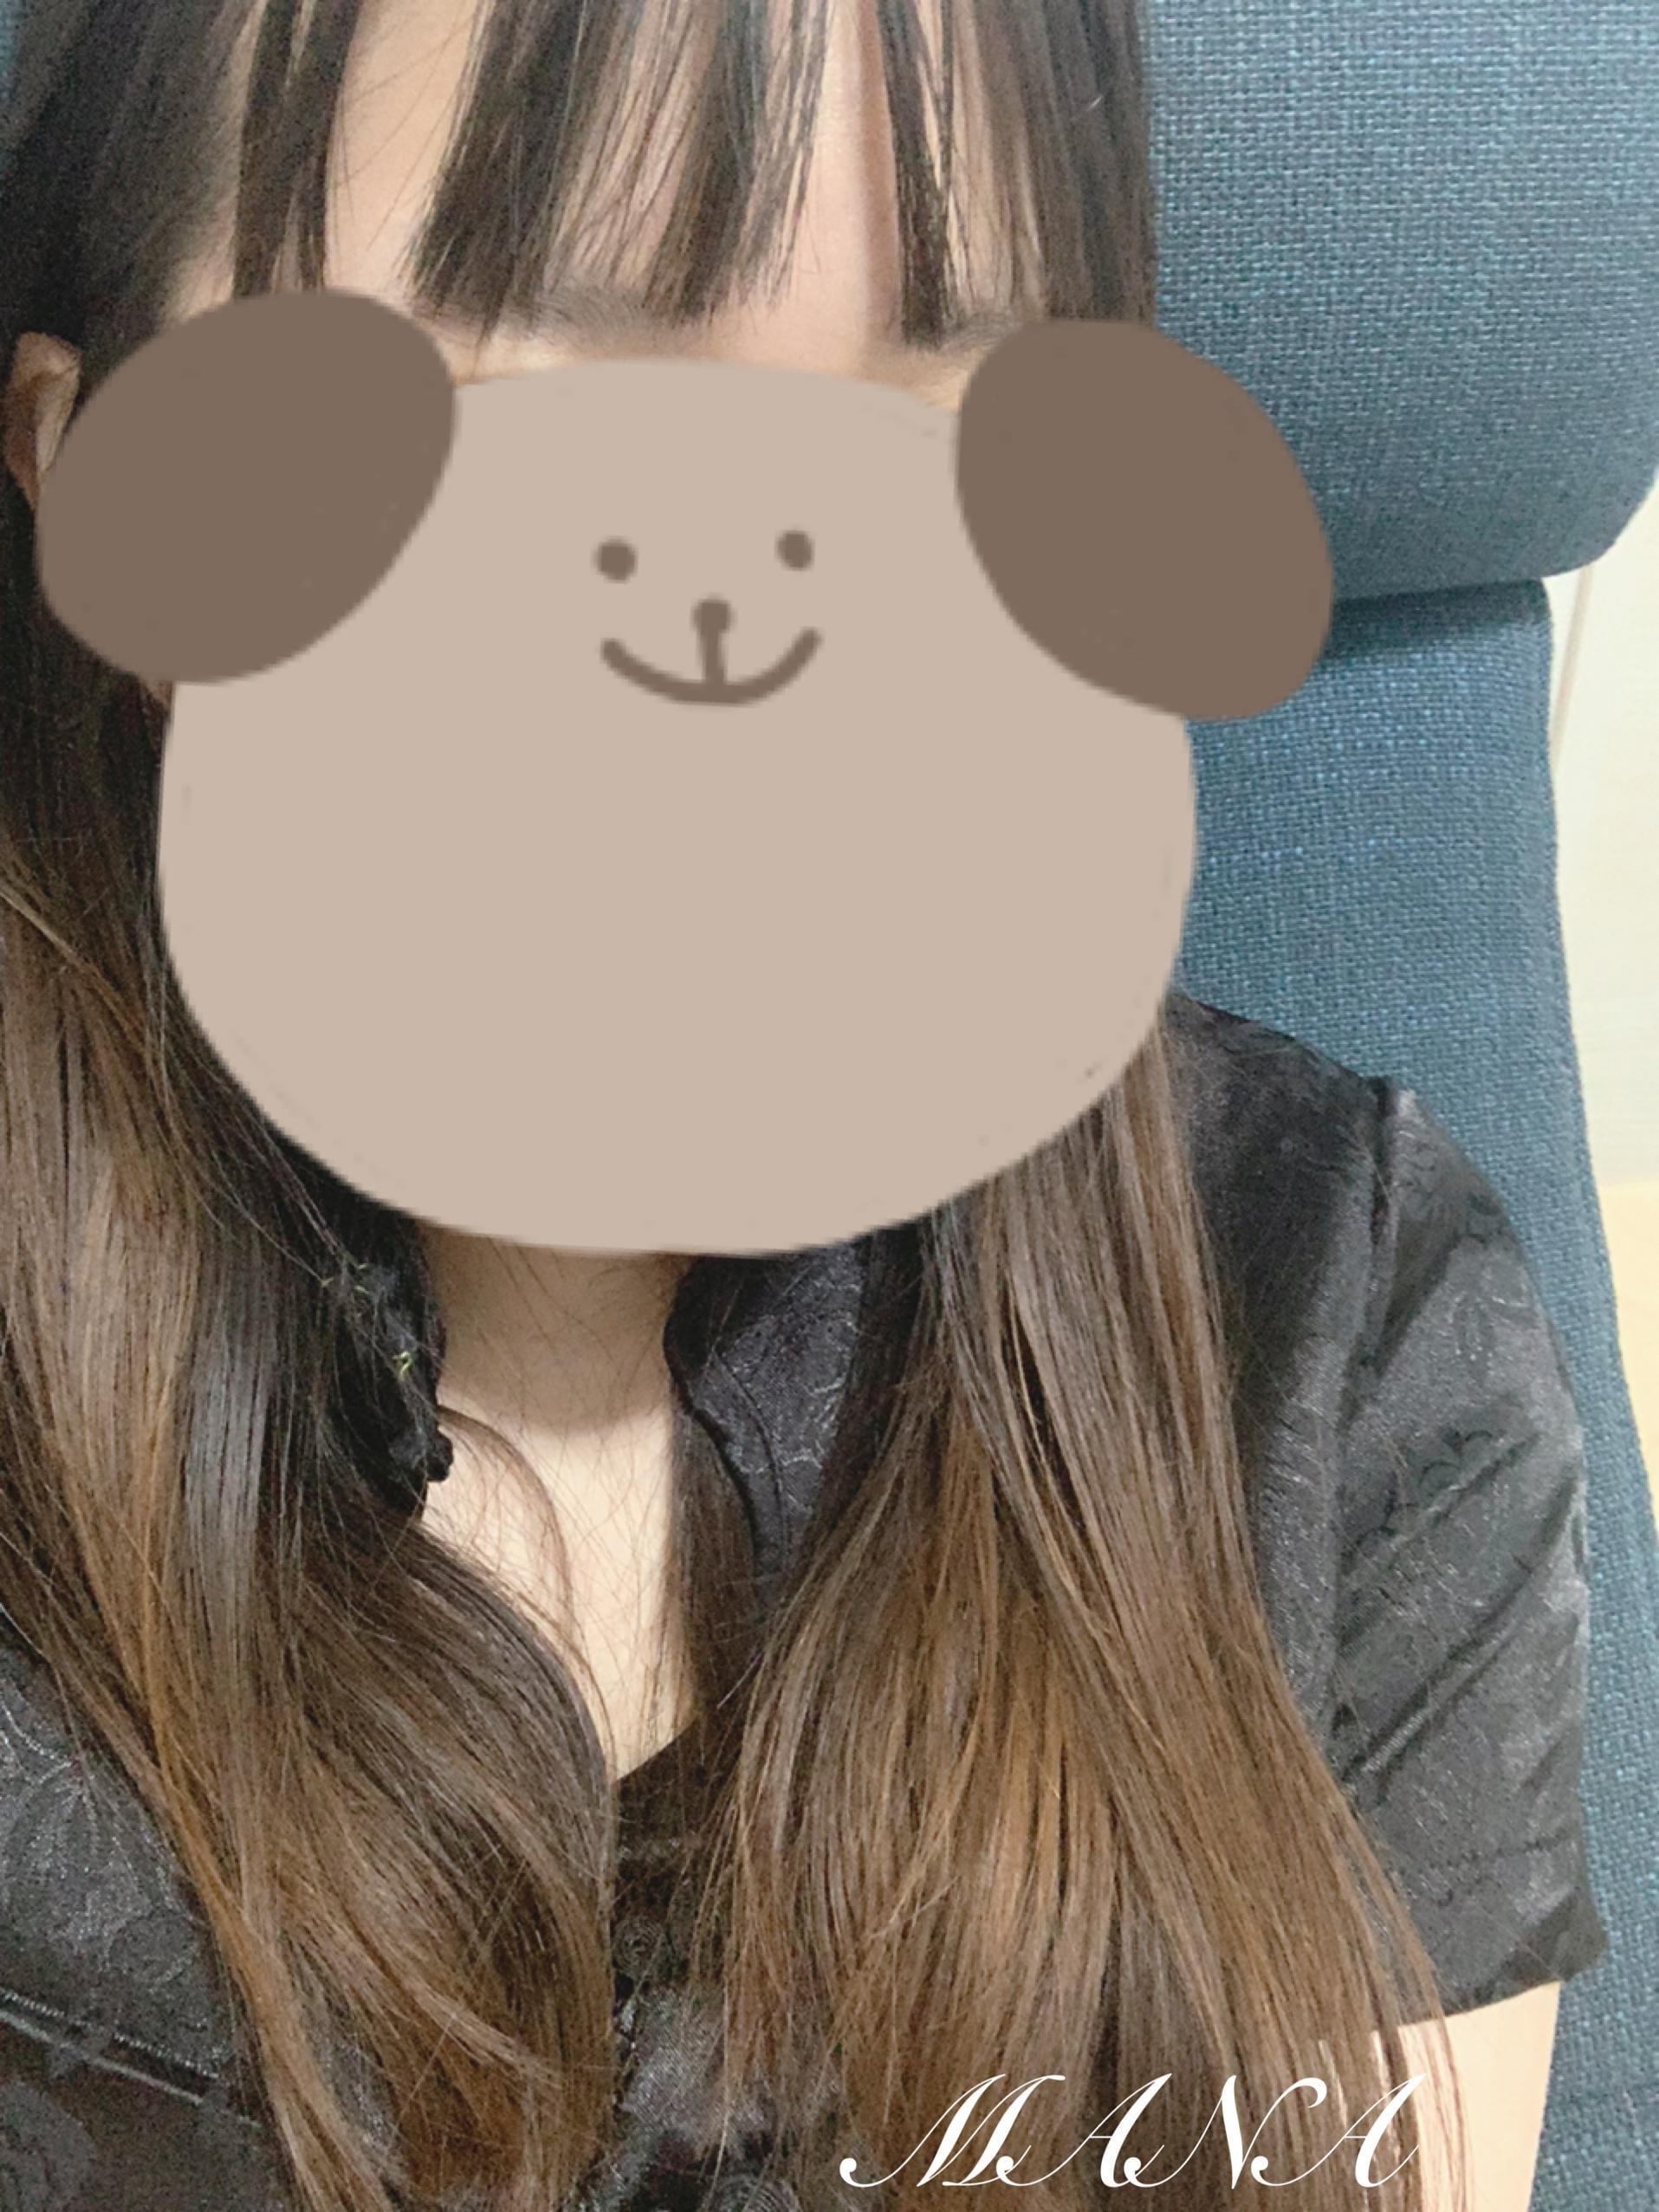 「出勤しました( ¨̮ )」04/07(04/07) 16:01   小澤まなの写メ・風俗動画